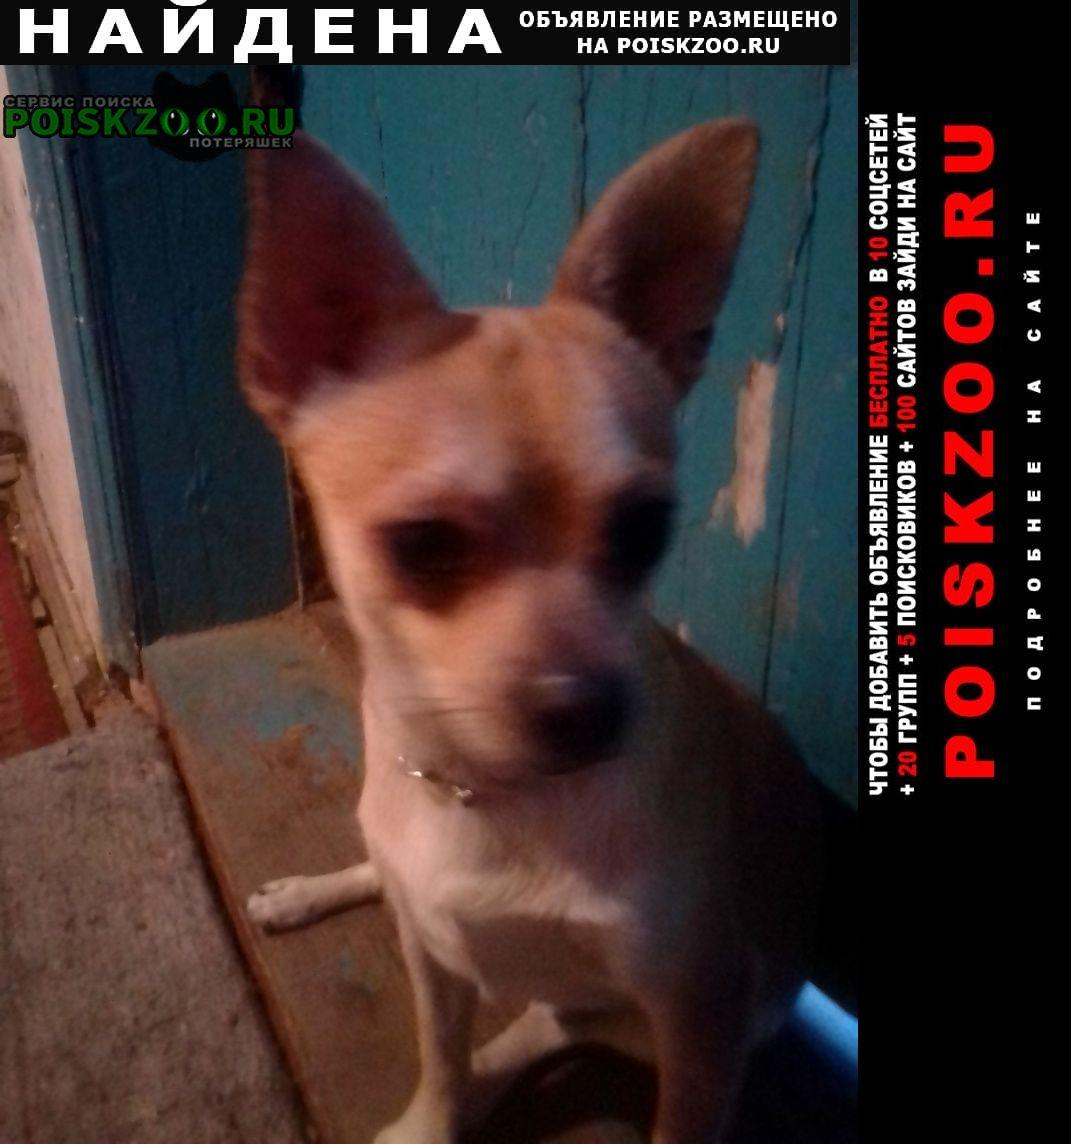 Ростов-на-Дону Найдена собака кобель помогите найти хозяина